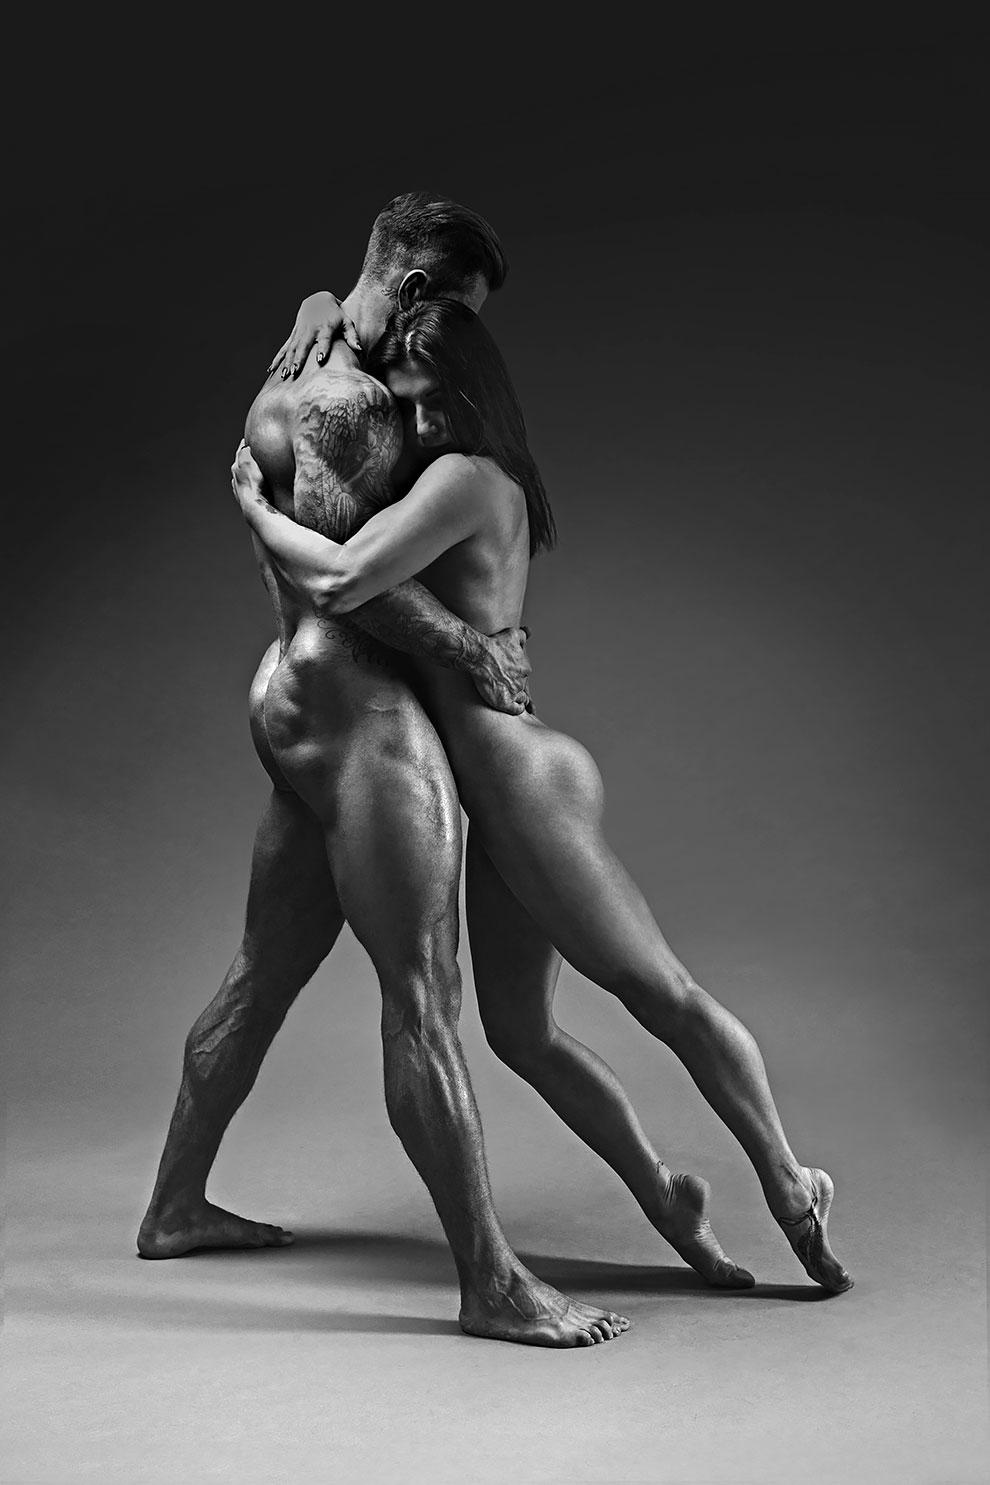 szép anális szex képek